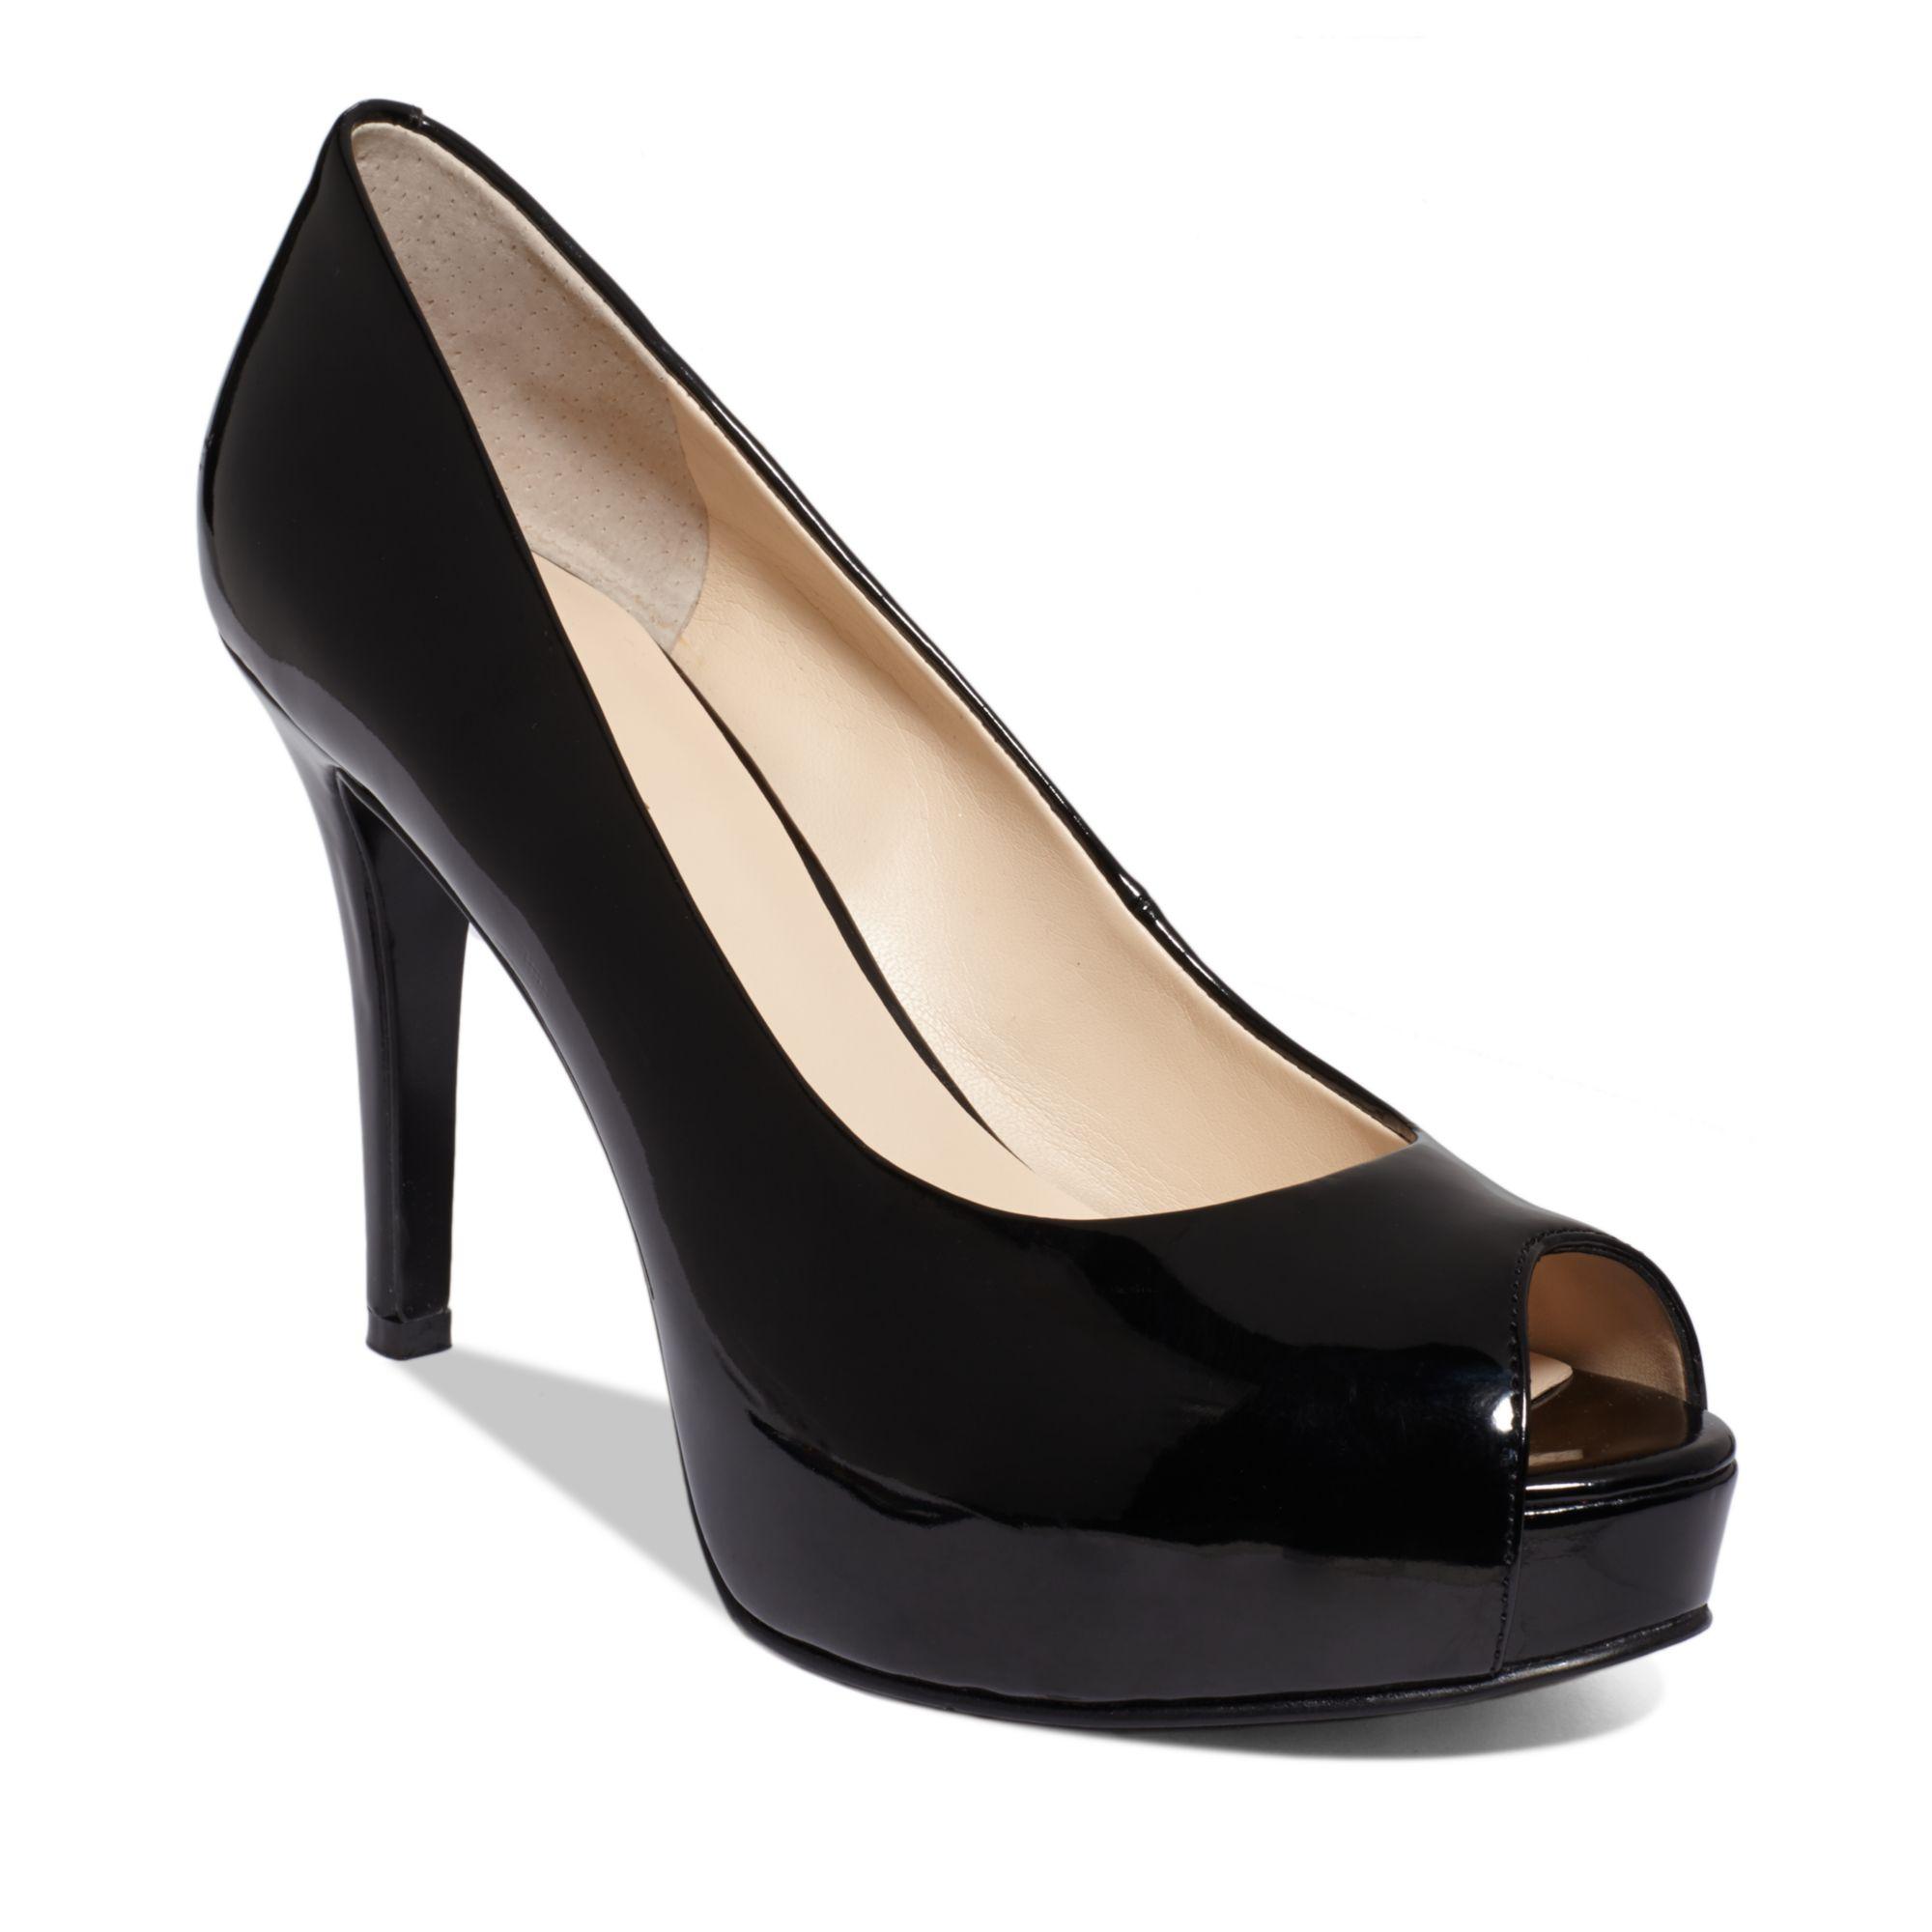 Nine West Shoes Black Pumps